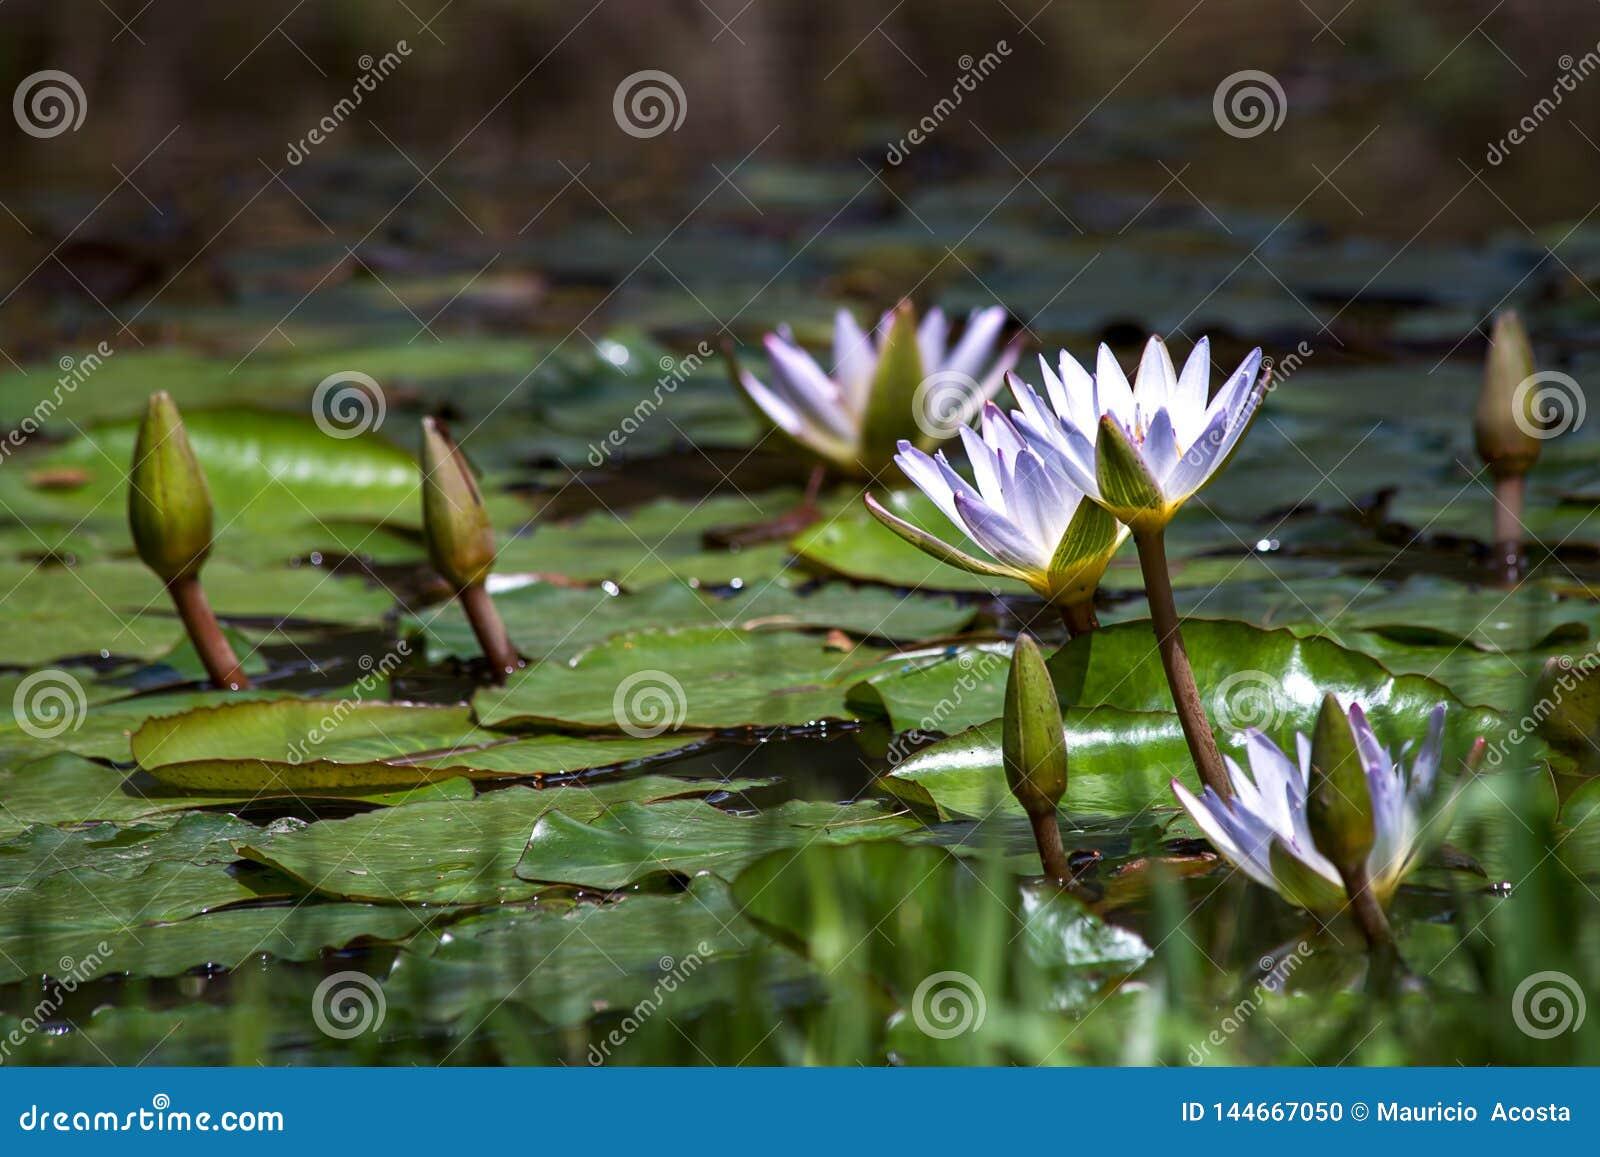 Fiori bianchi e germogli della ninfea che galleggiano su uno stagno